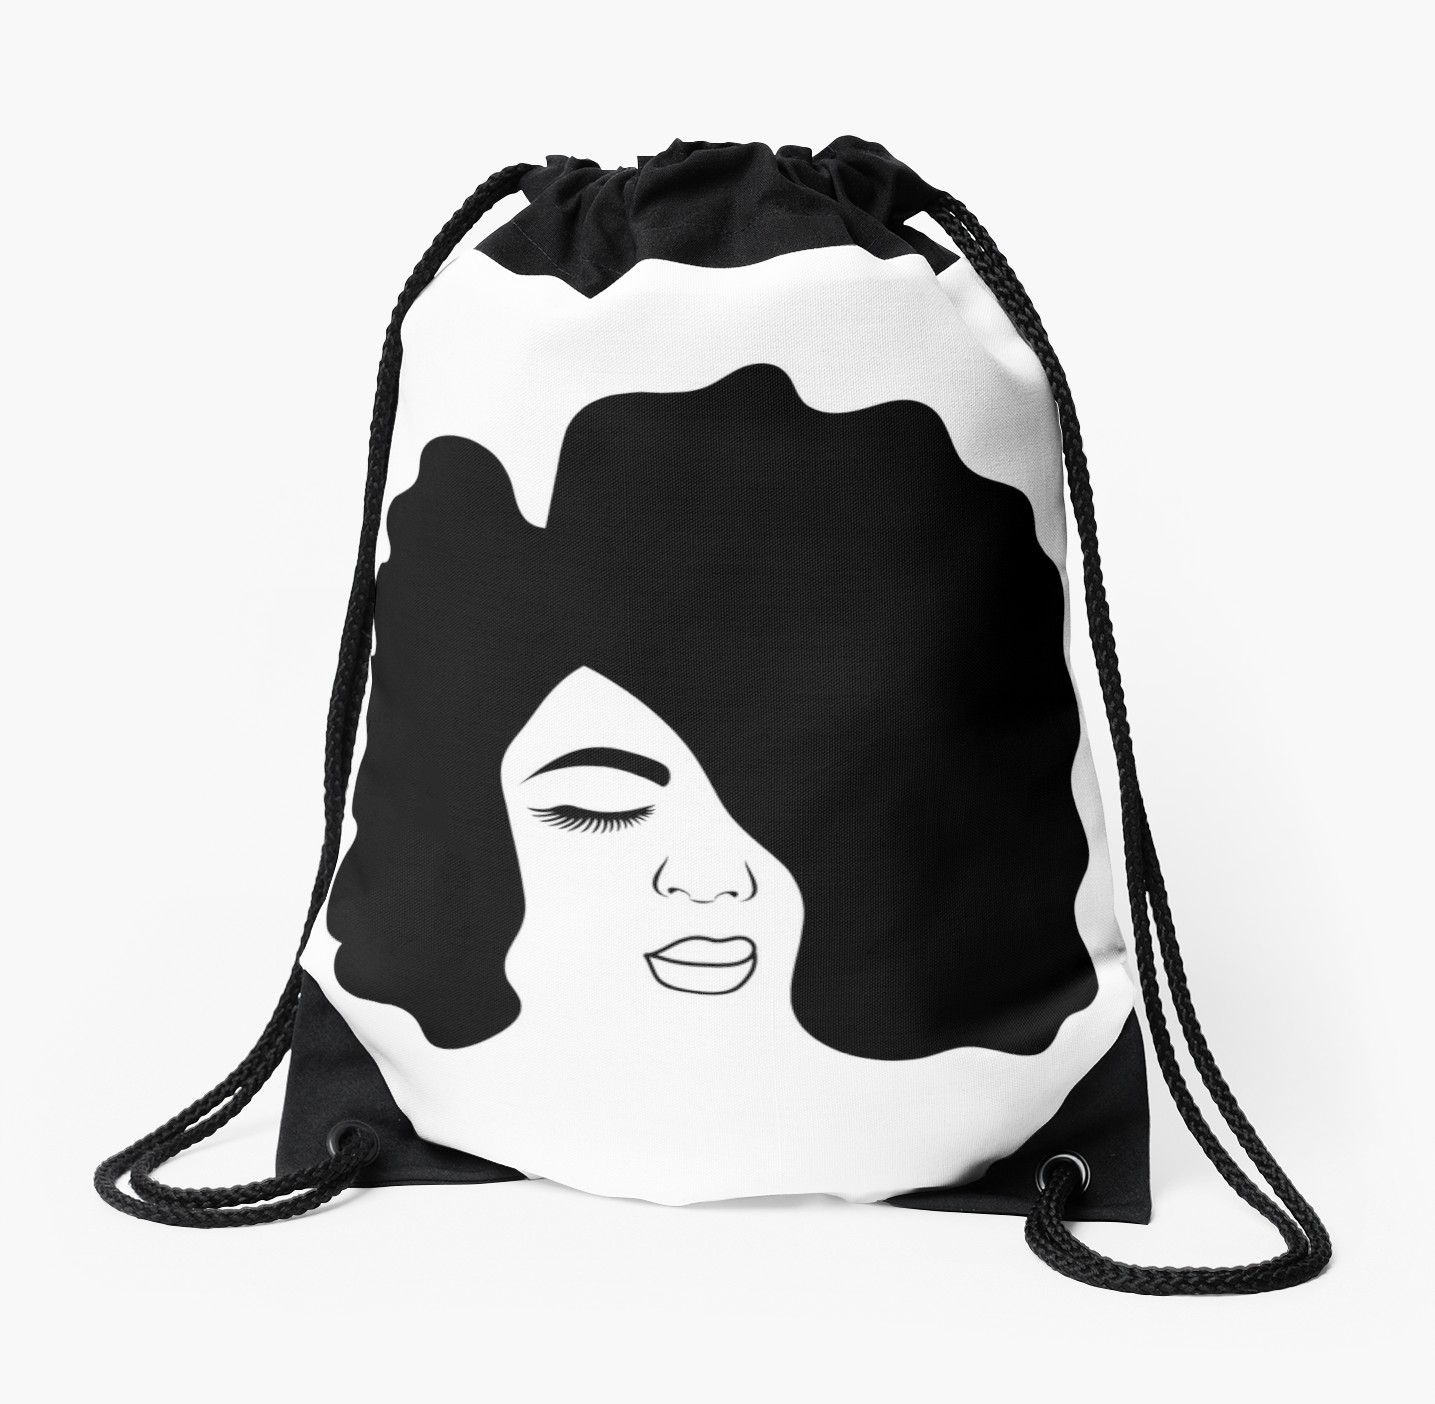 1435x1404 Big Afro Drawing Black Woman With Natural Hair Drawstring Bag